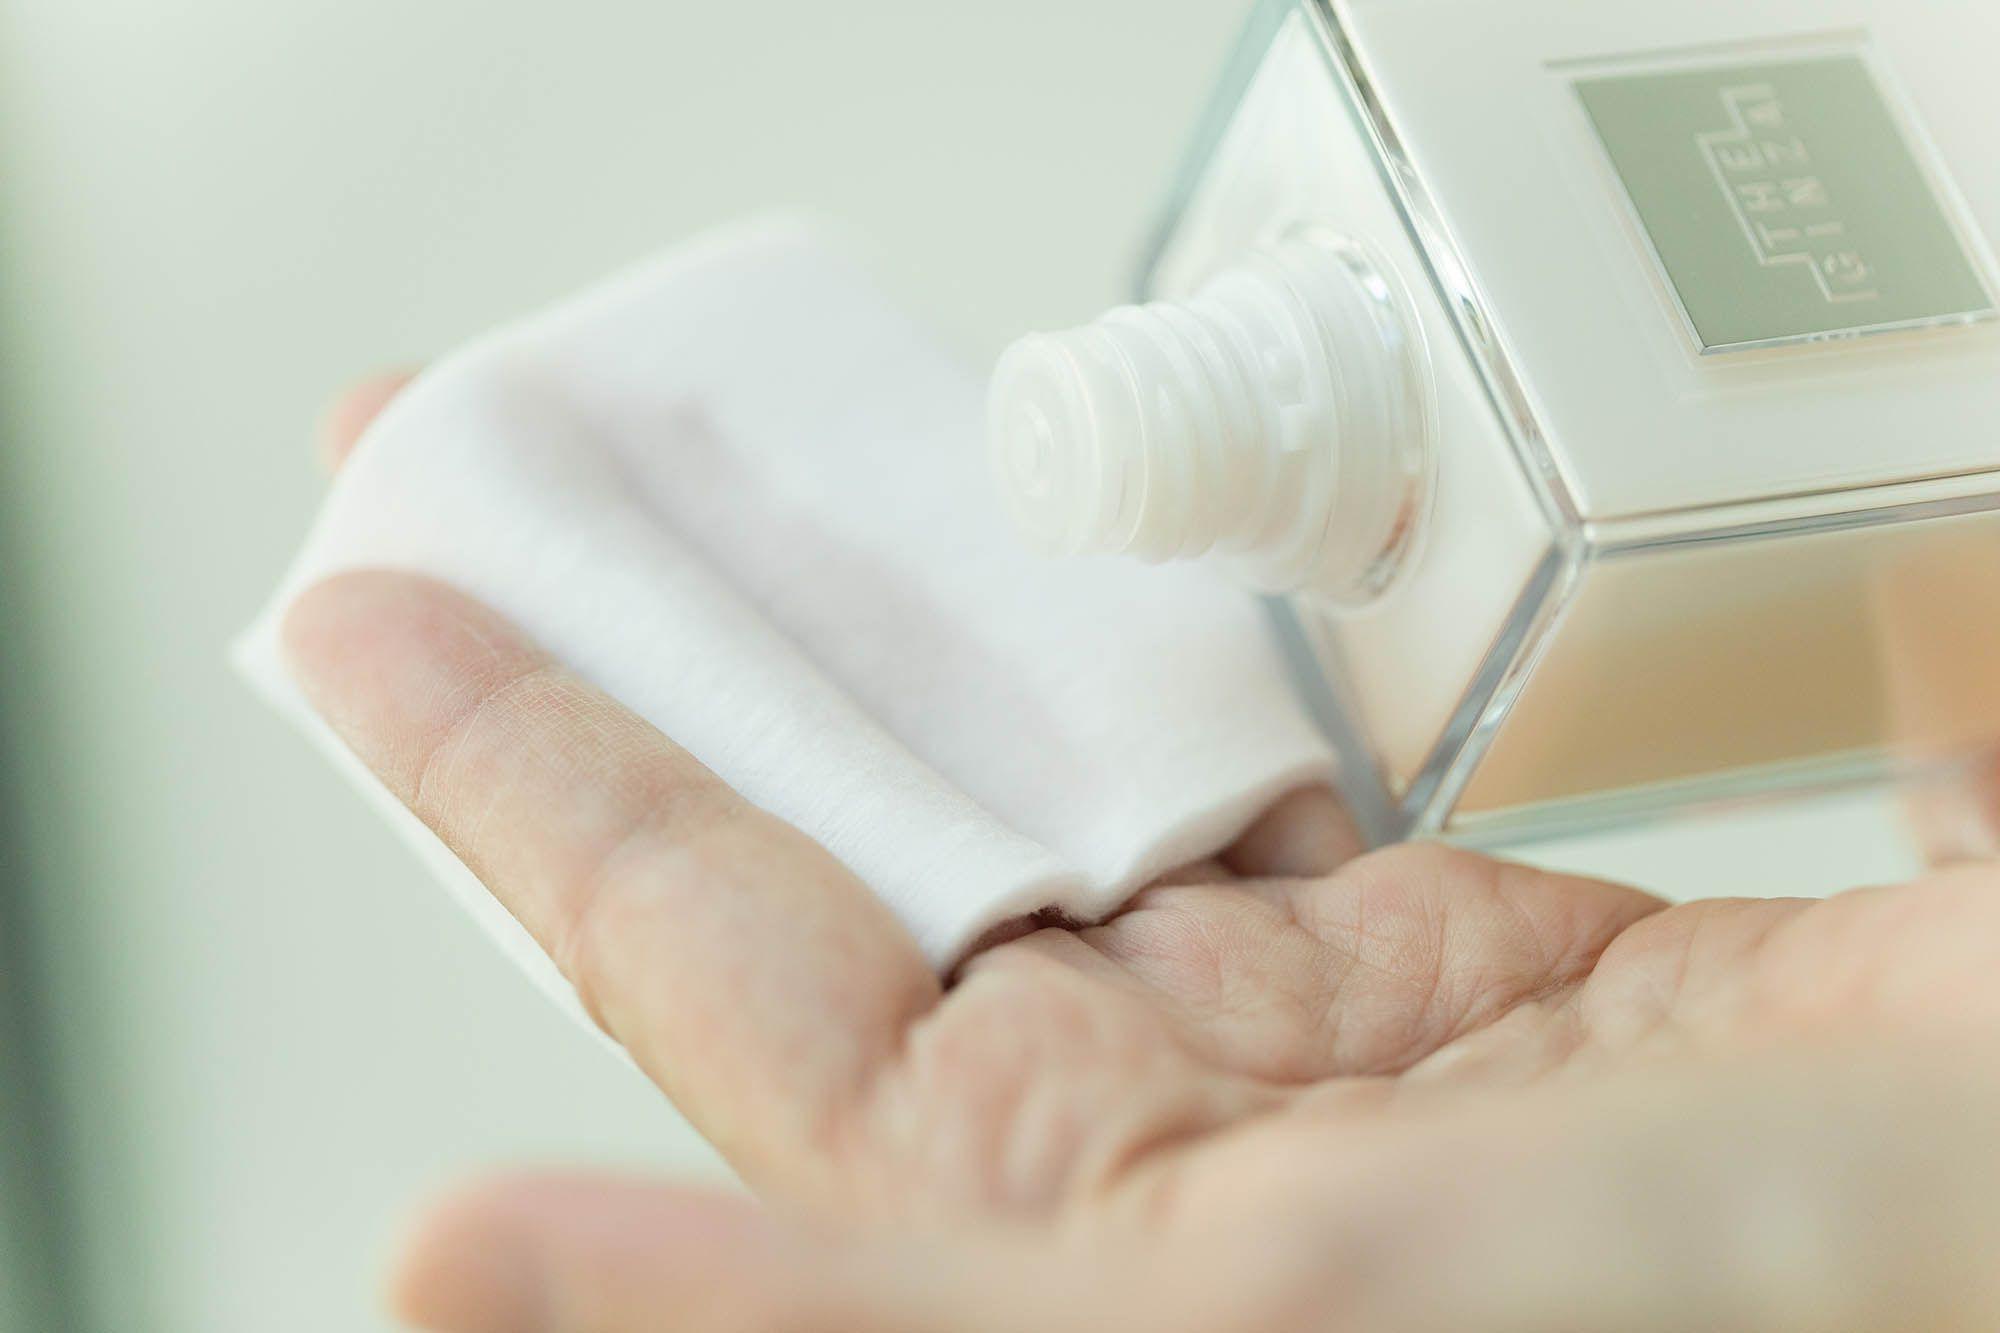 コットンをはさんだ指に縦方向に化粧水をしみこませると無駄なく塗布できる。